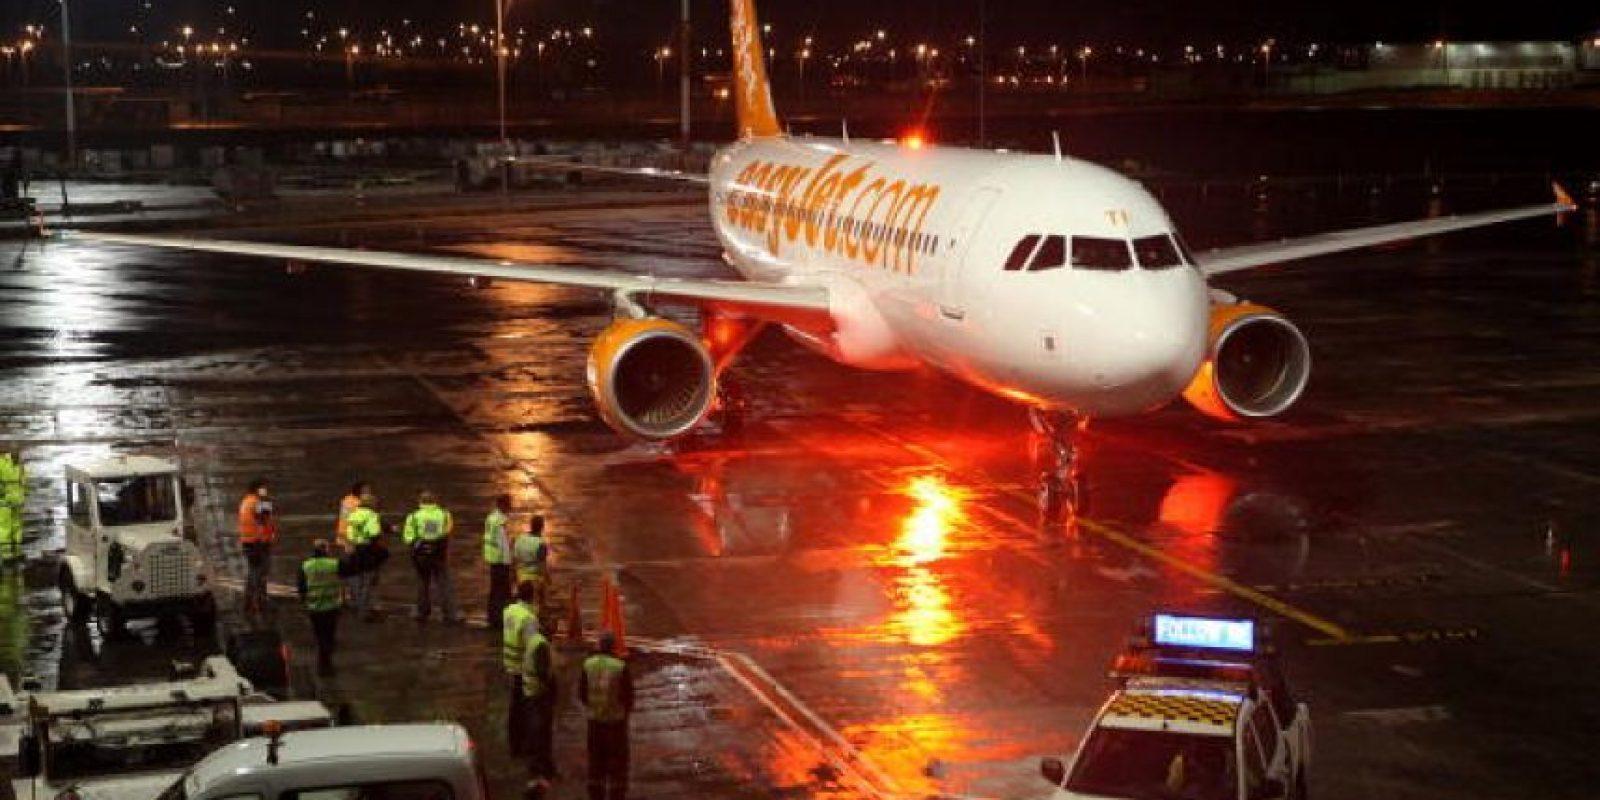 Laolu Opebiyi, de 40 años, fue interceptado por agentes de seguridad tras abordar un vuelo de la compañía EasyJet, que se dirigía de Londres hacia Ámsterdam. Foto:Getty Images